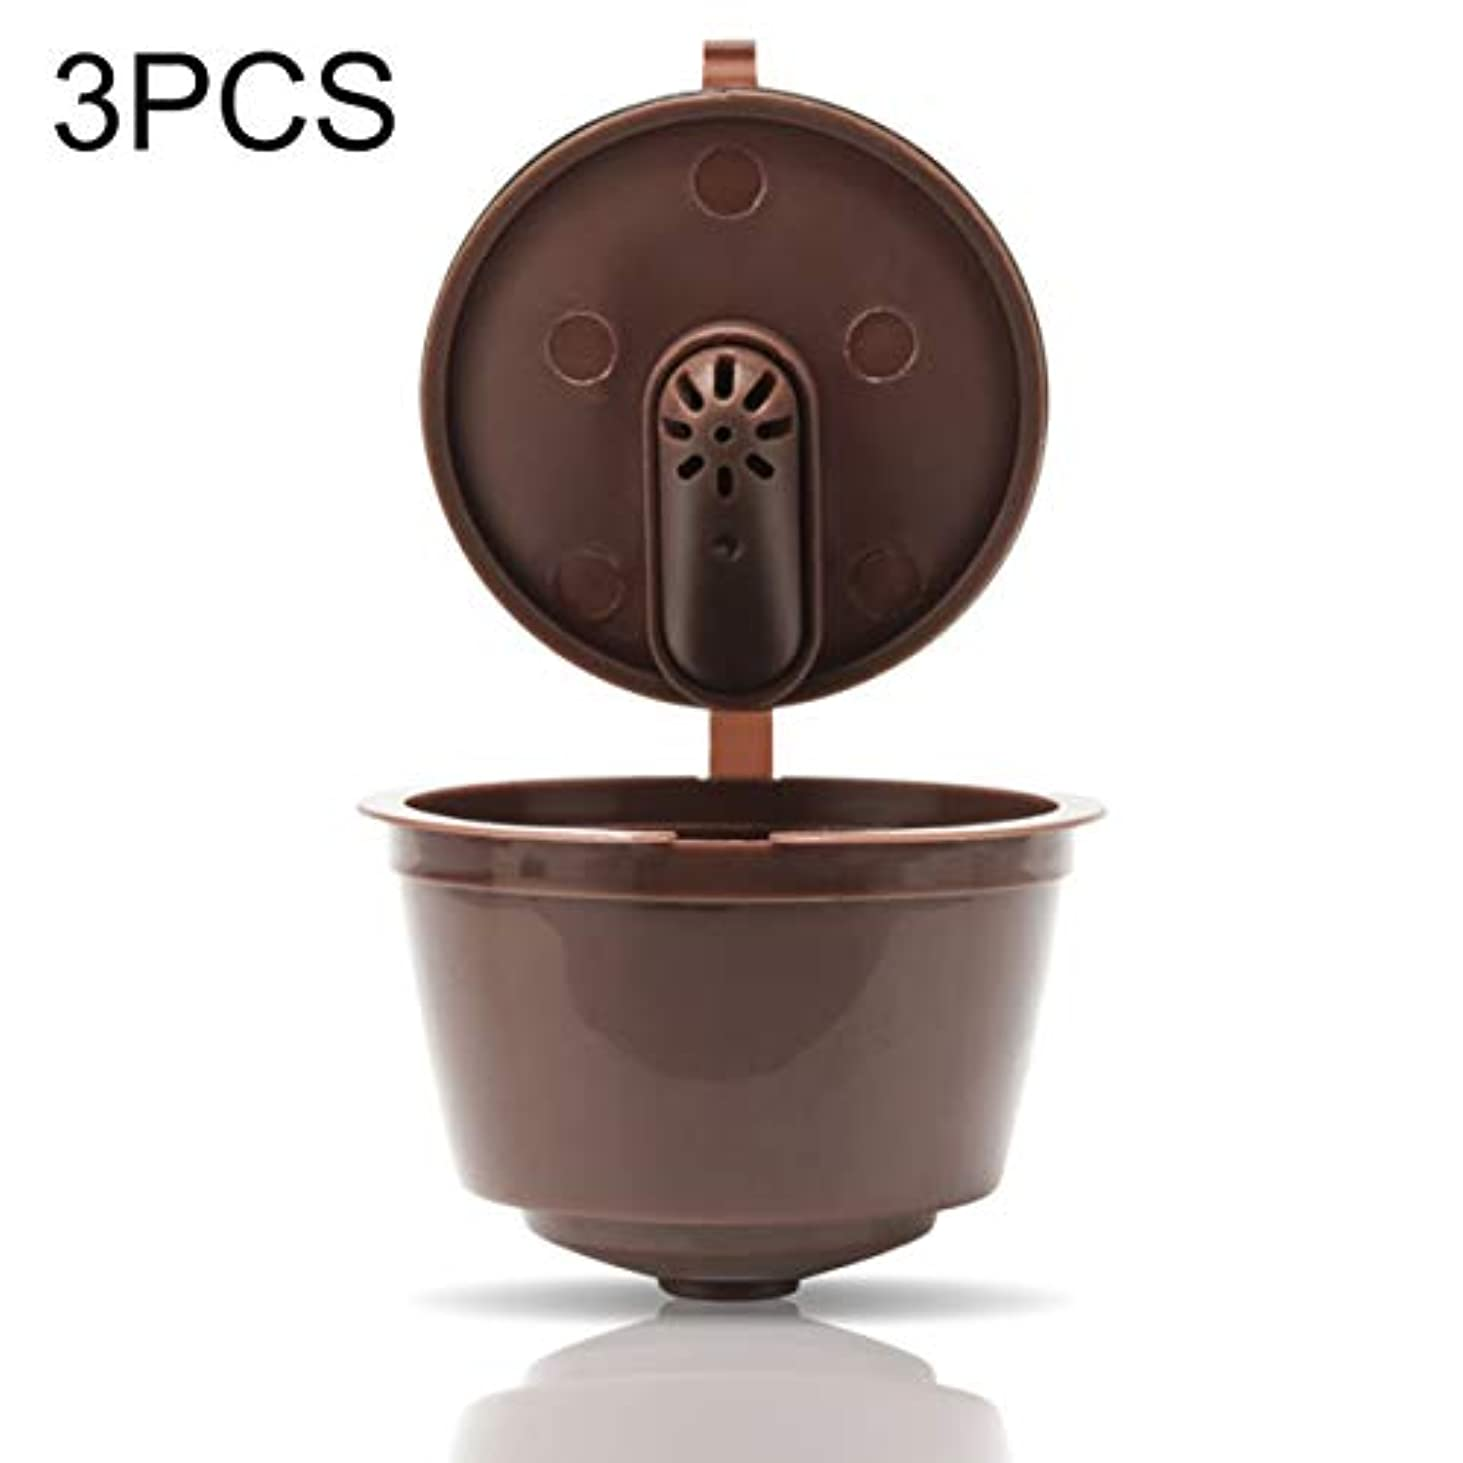 強風交差点不透明なSaikogoods 更新されたバージョン コーヒーカプセル 詰め替え再利用可能 コーヒーカップ コーヒーバスケット コーヒーメーカー キッチンツールをフィルター ダークブラウン 3PCS